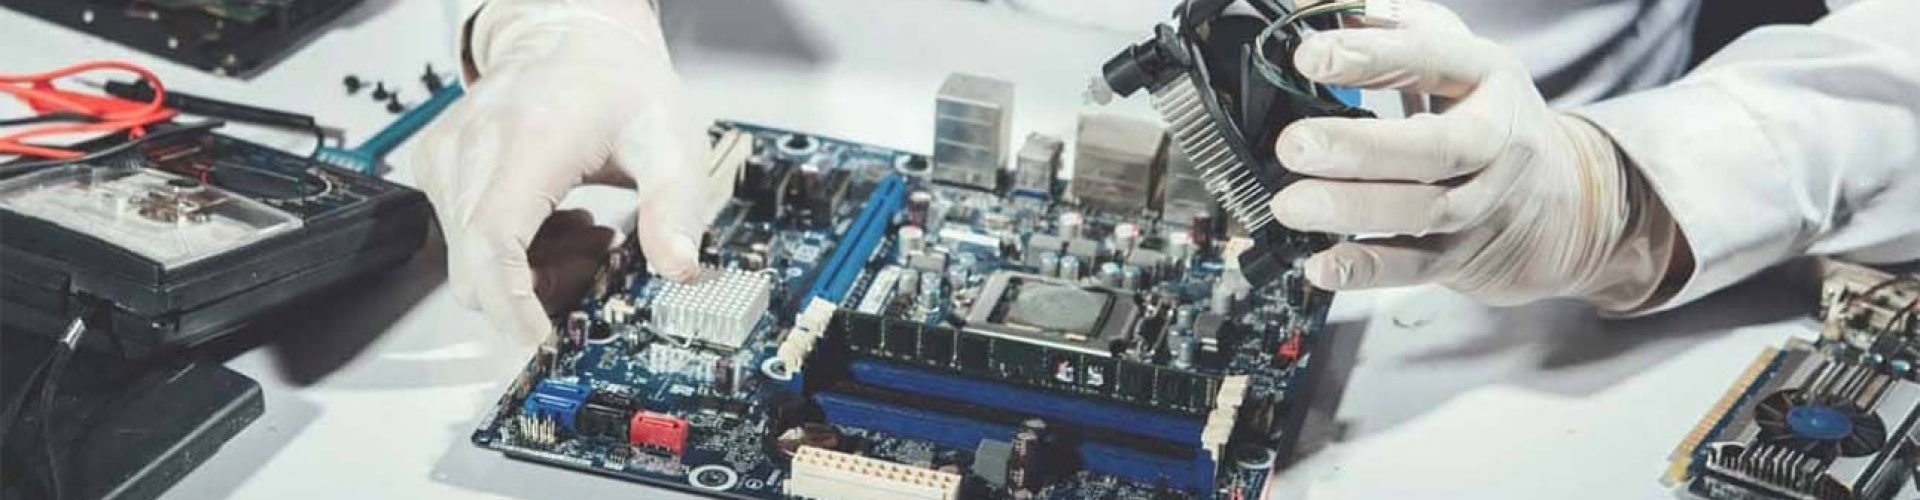 Reparación de ordenadores en Collado Villalba con desplazamiento gratuito